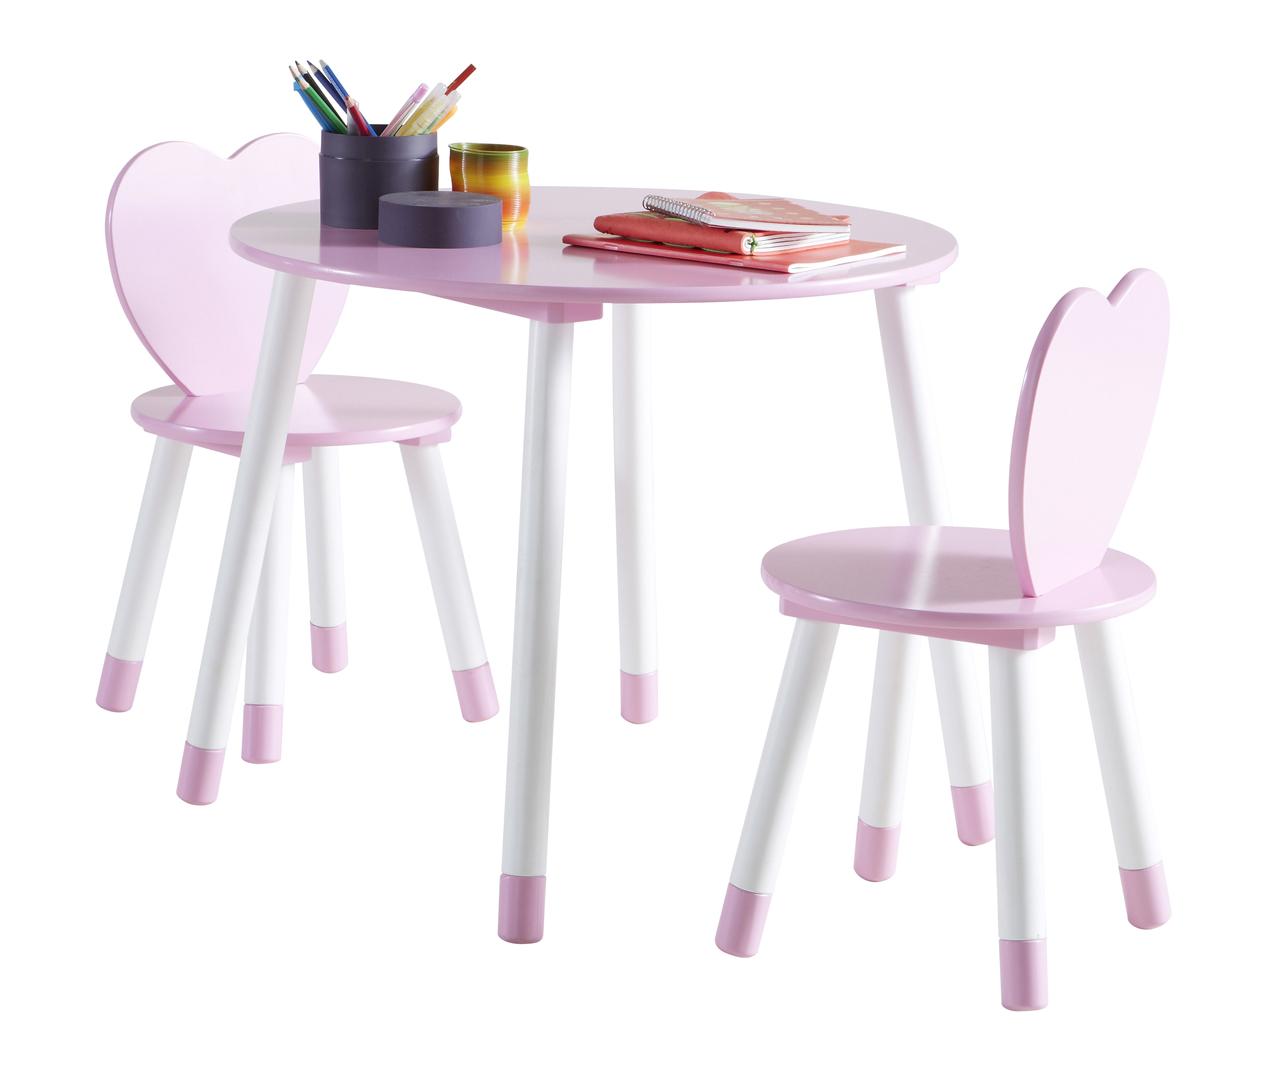 ensemble table et chaises enfant contemporain blanc rose aurore